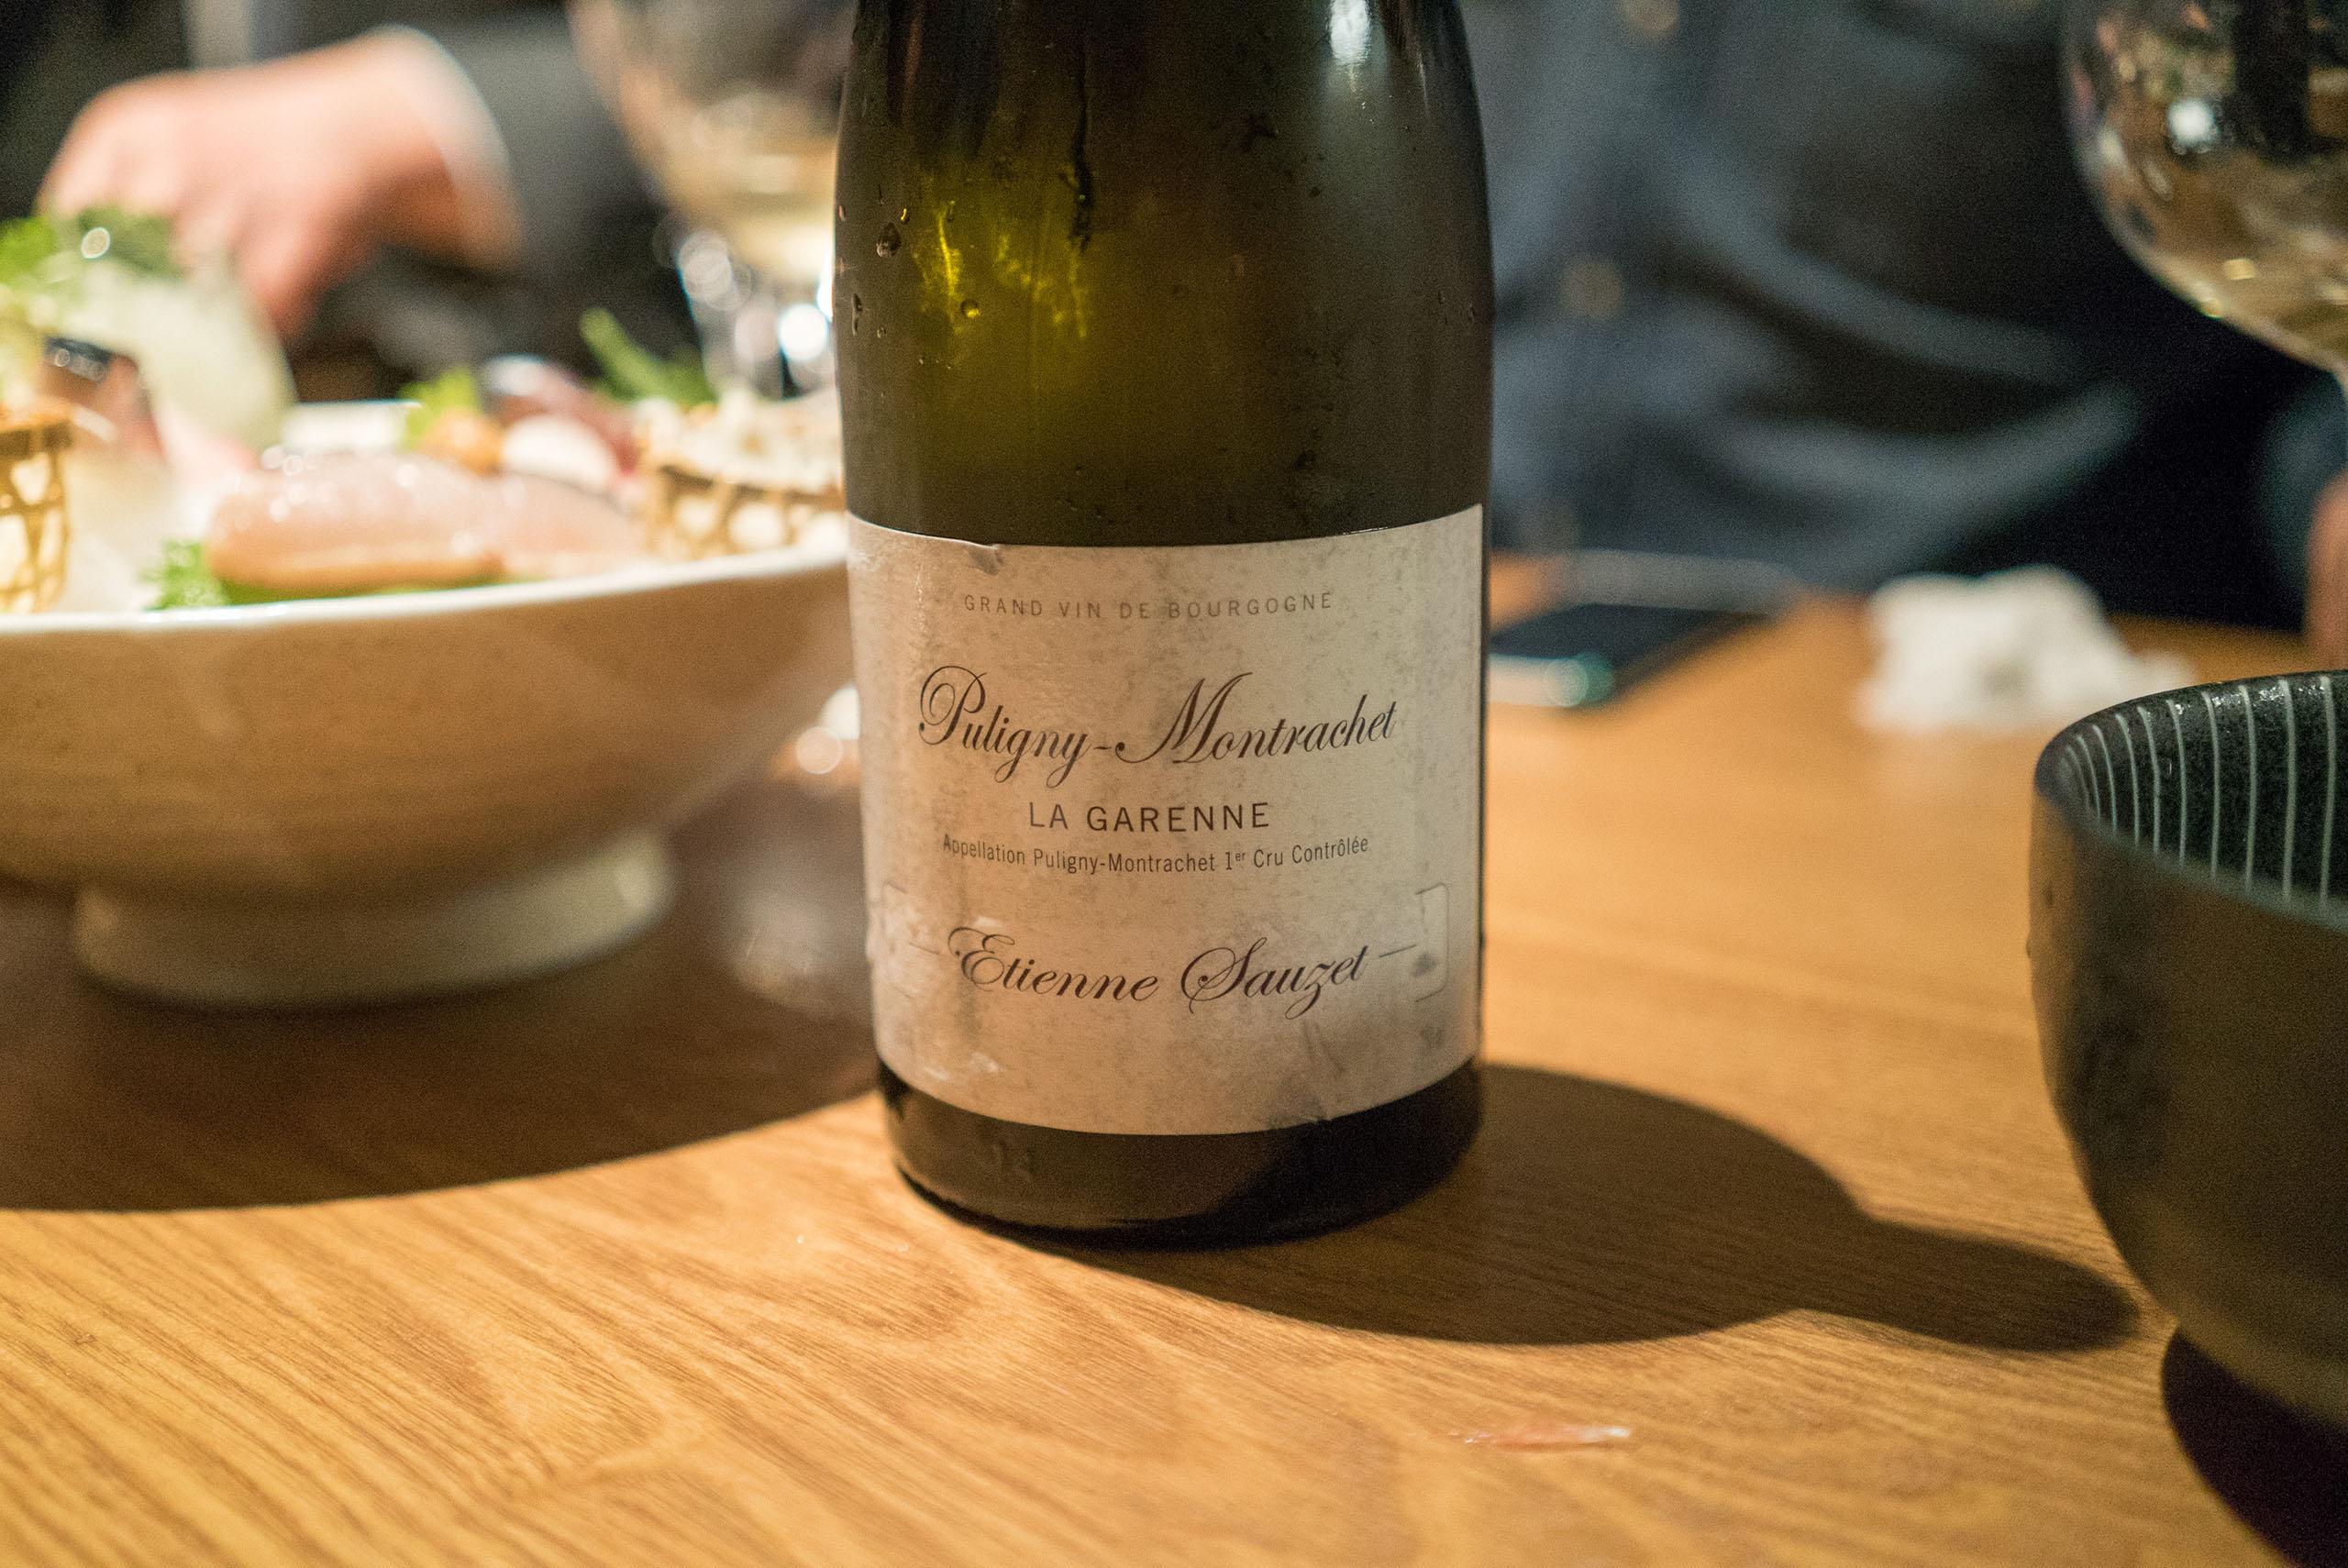 Domaine Etienne Sauzet Puligny Montrachet Les Referts 2012